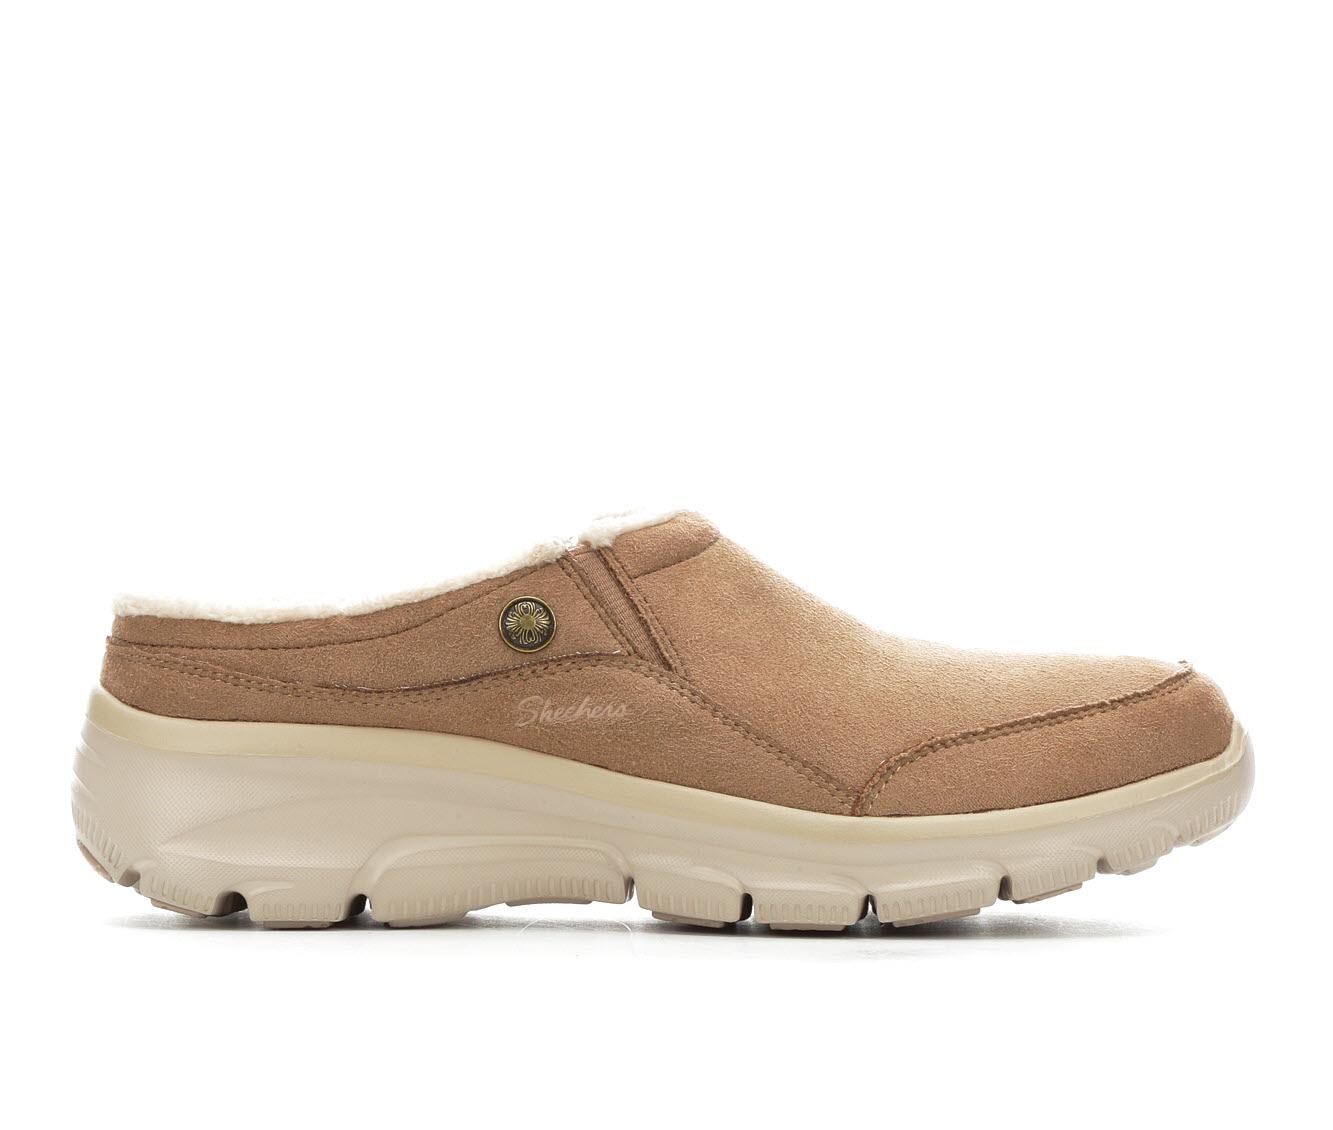 Skechers Easy Going Latte 49532 Women's Shoe (Brown Suede)